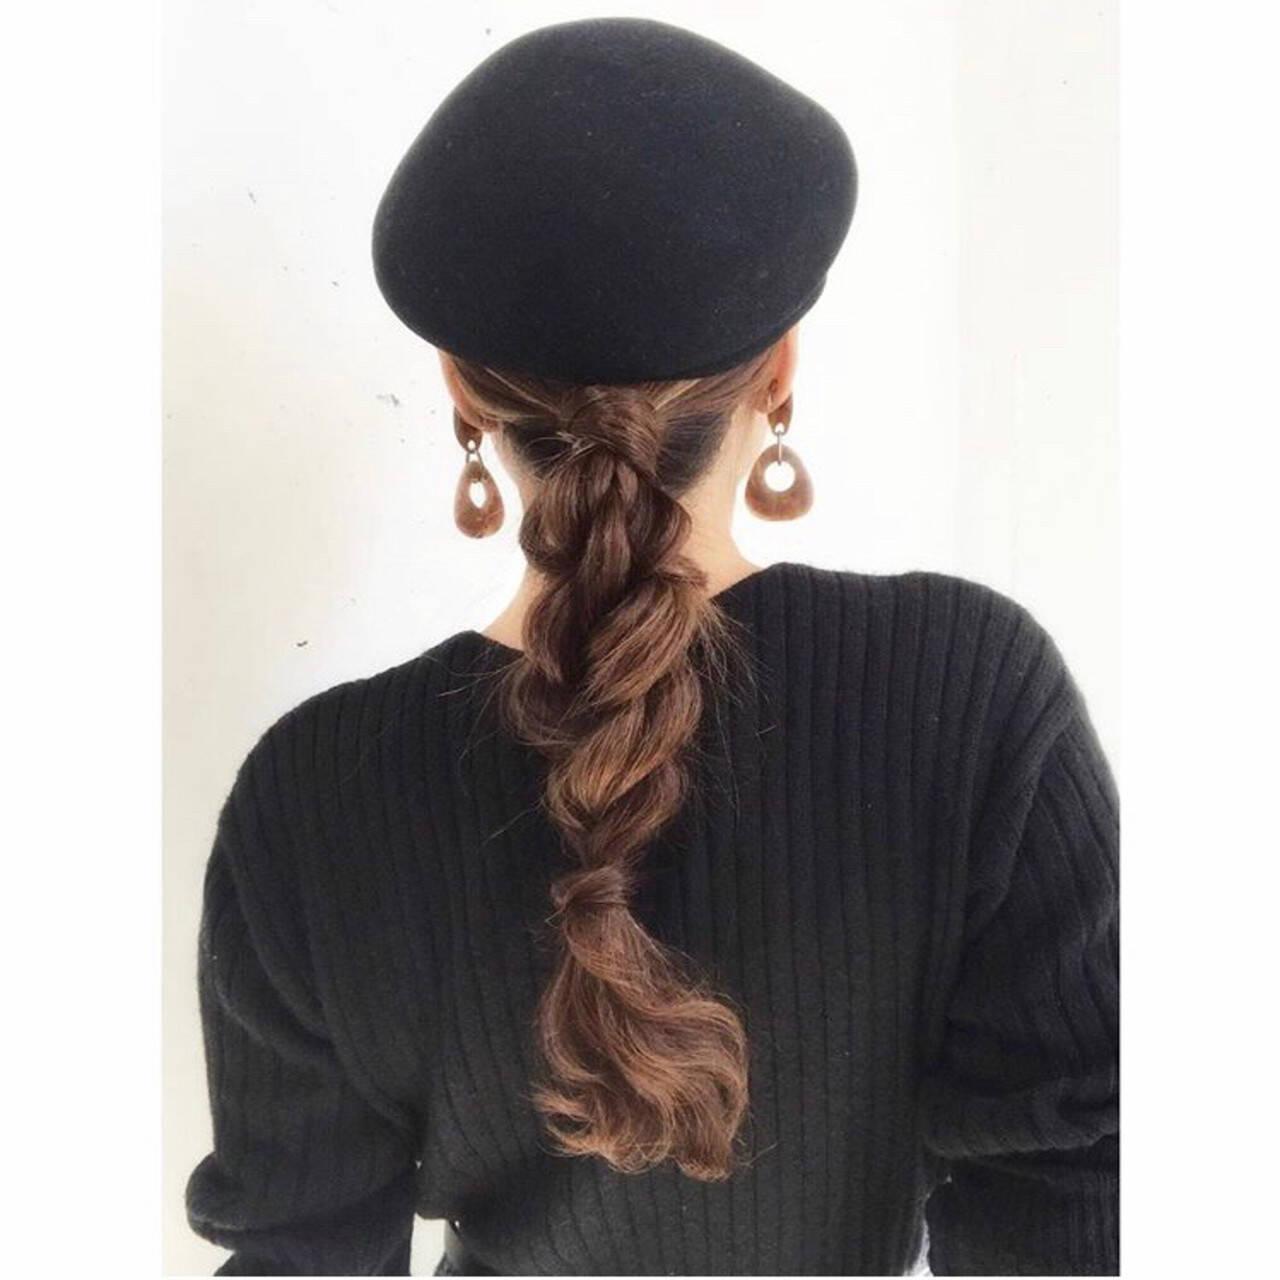 ローポニーテール ロング 可愛い セルフヘアアレンジヘアスタイルや髪型の写真・画像